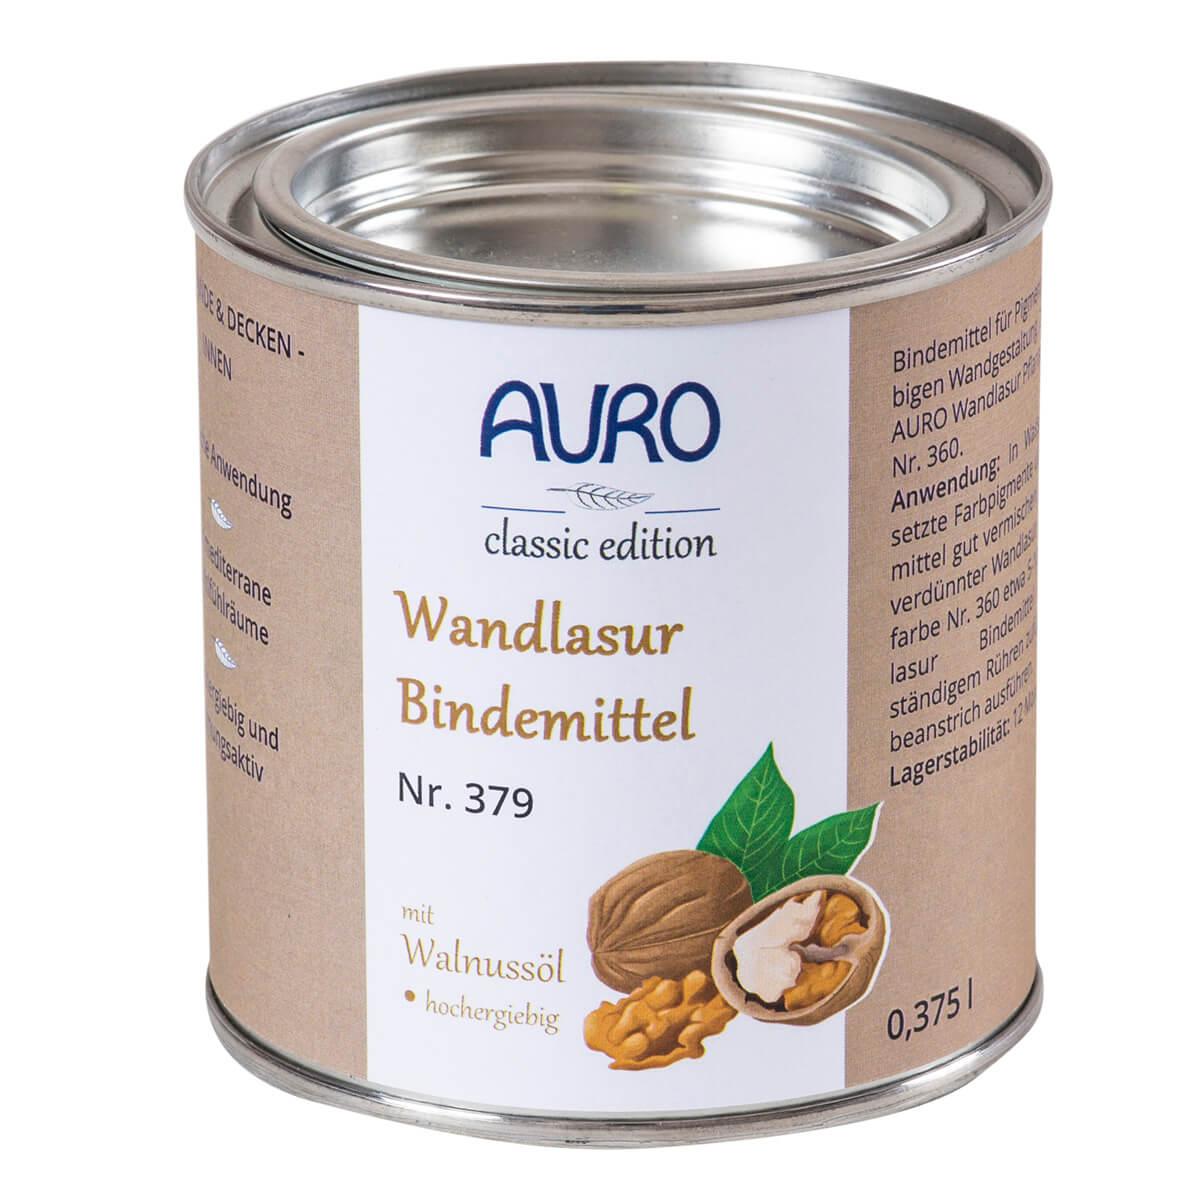 AURO Wandlasur-Bindemittel Nr. 379